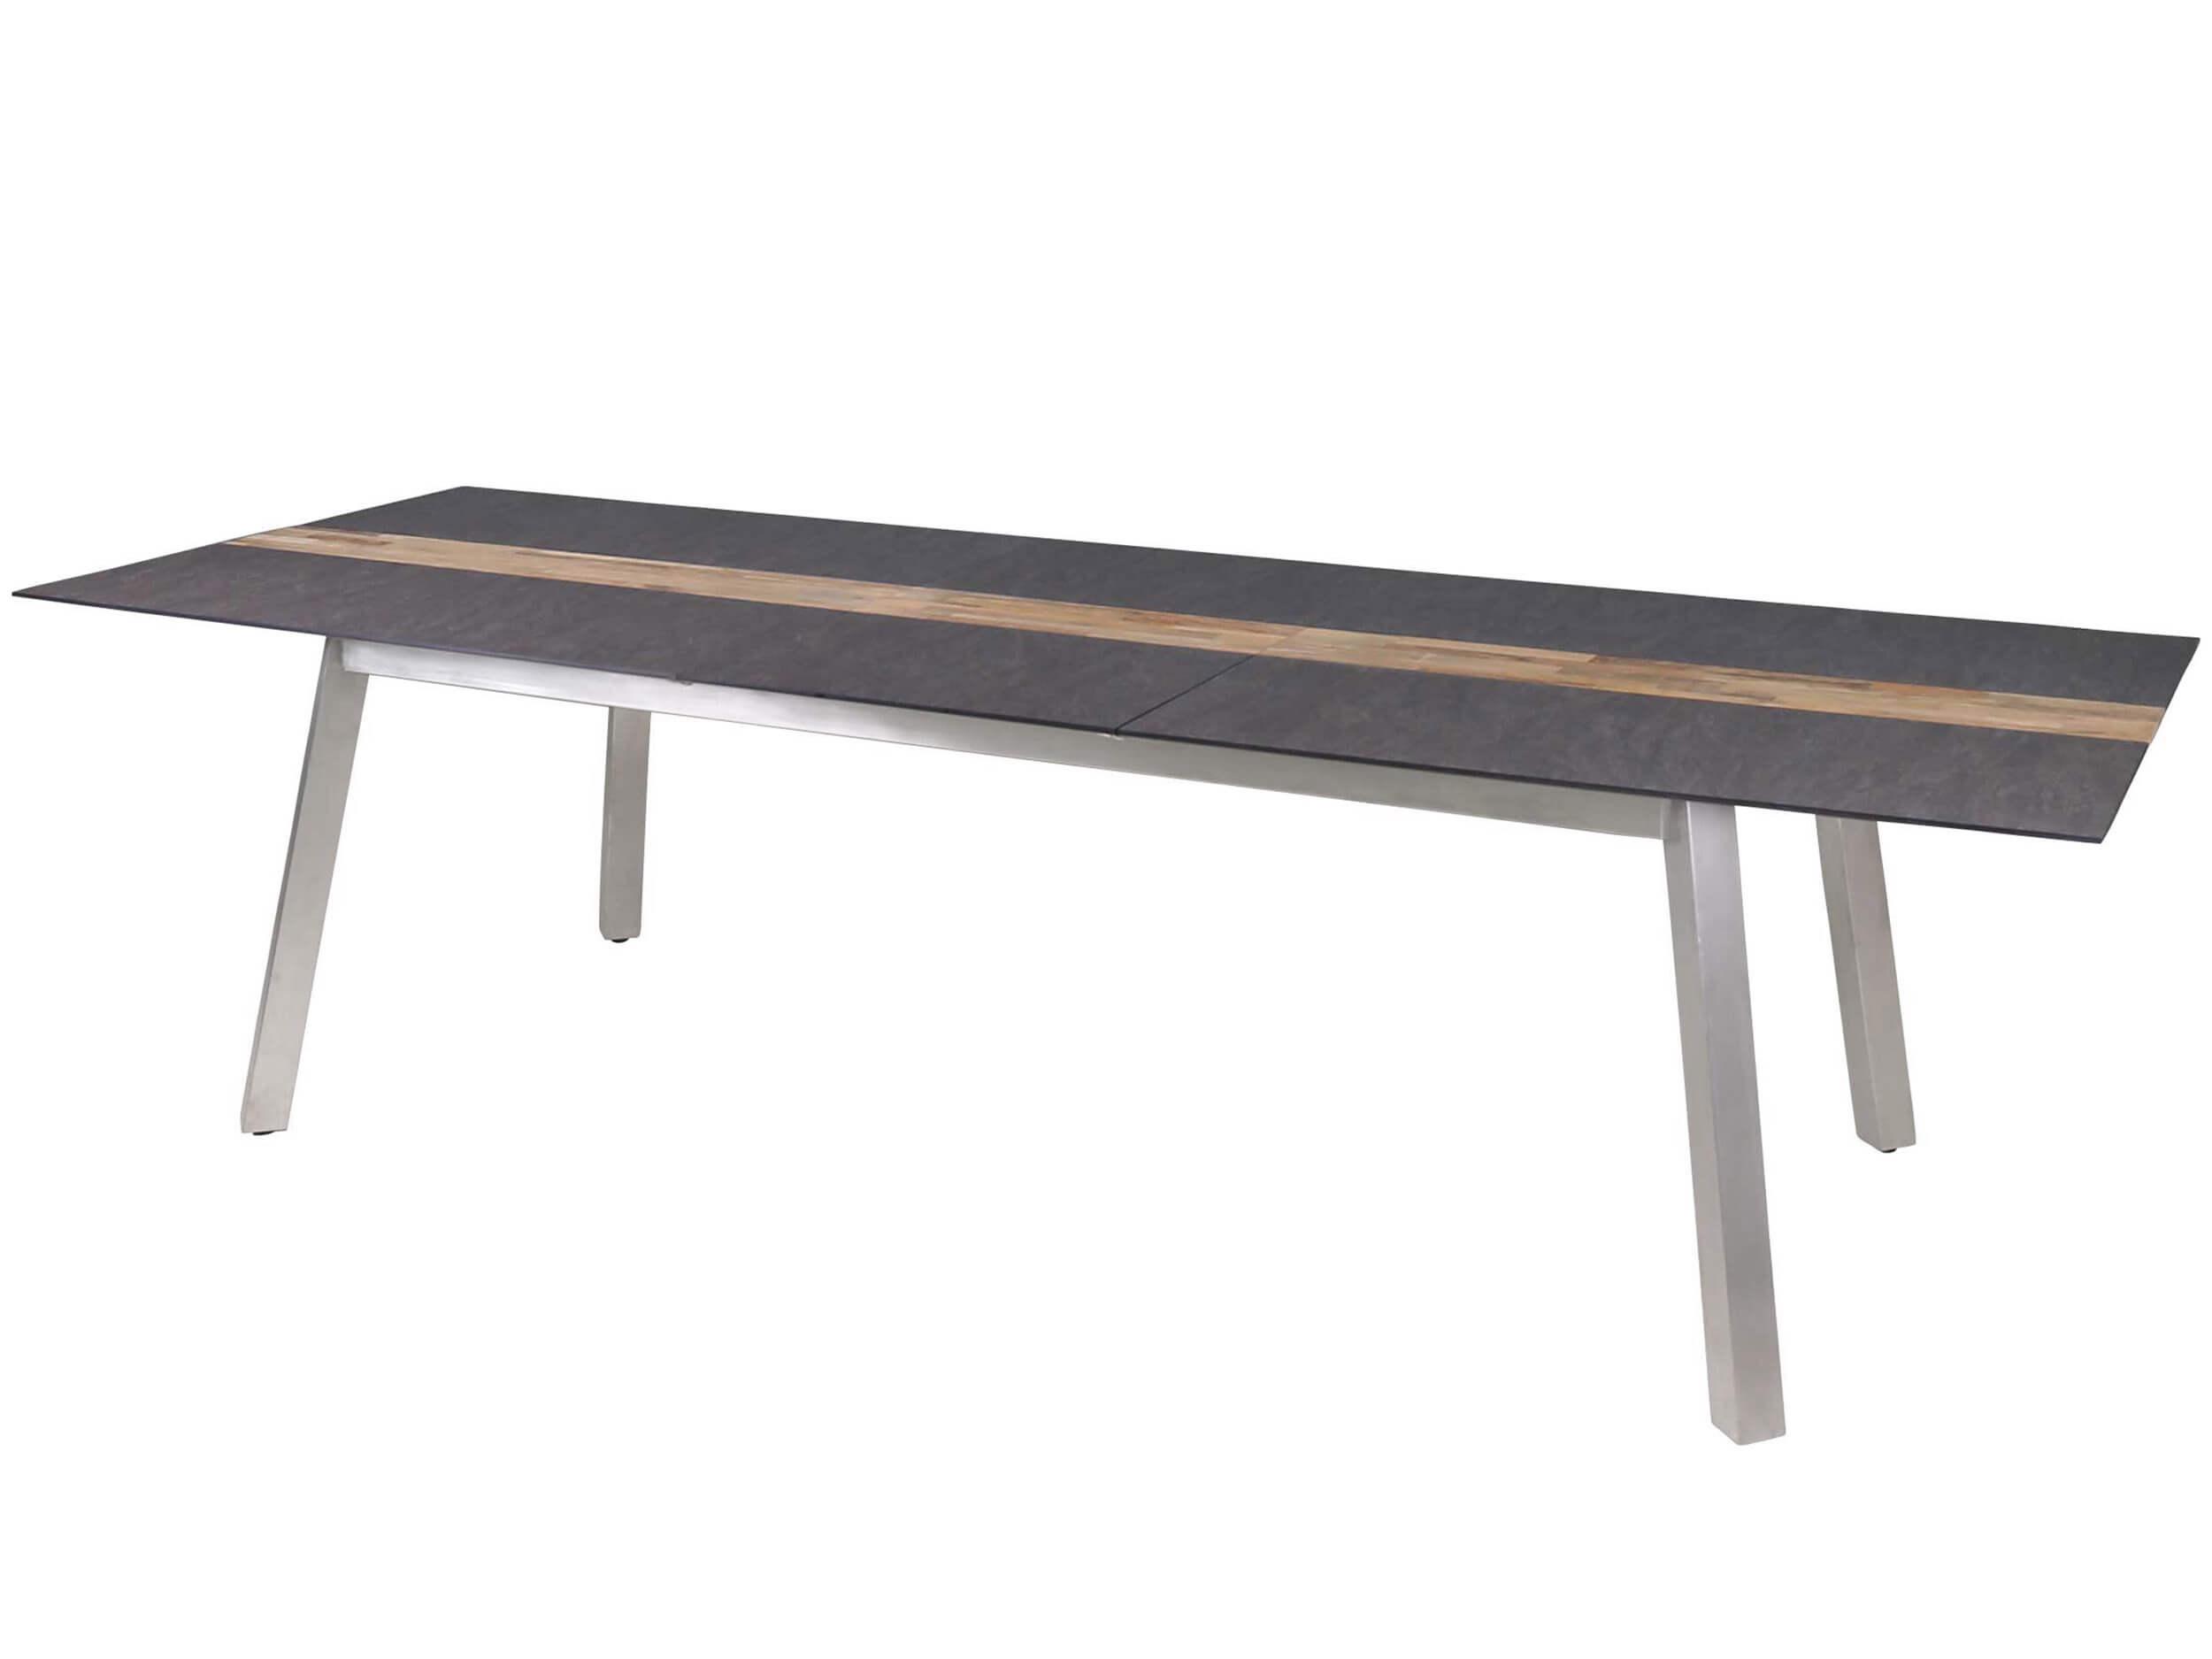 zebra-ausziehtisch-linax-hpl-edelstahl-teak-ausgezogen Beste Gartenbank Holz Weiß Gebraucht Konzept